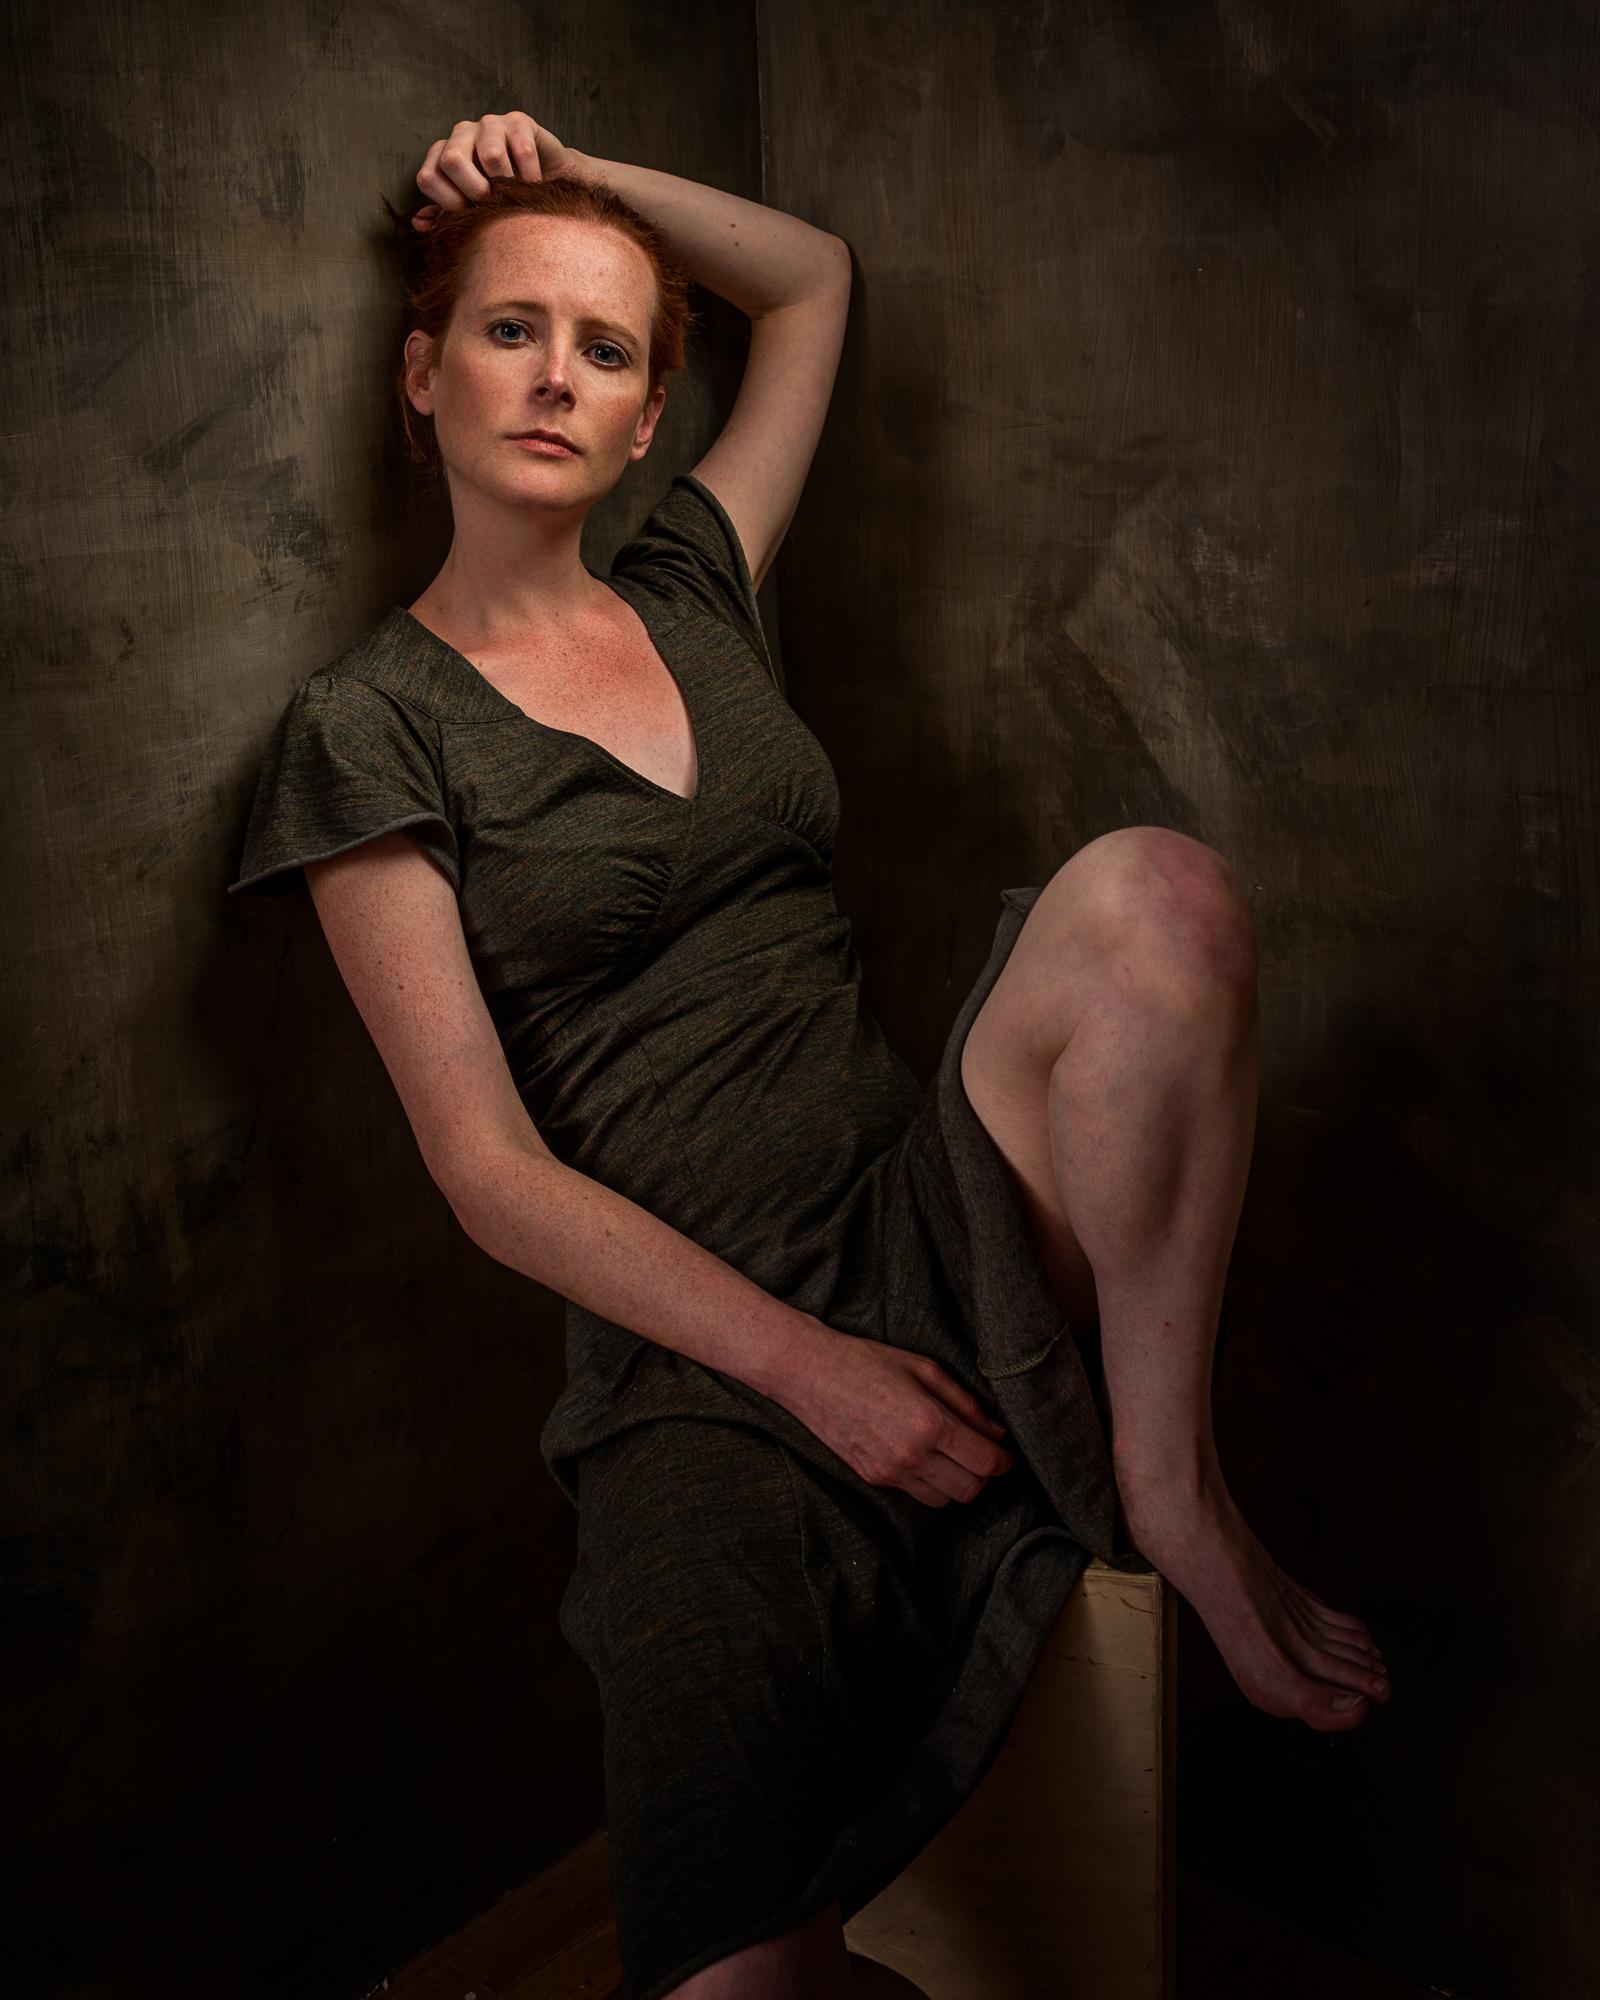 Anna O'Donoghue